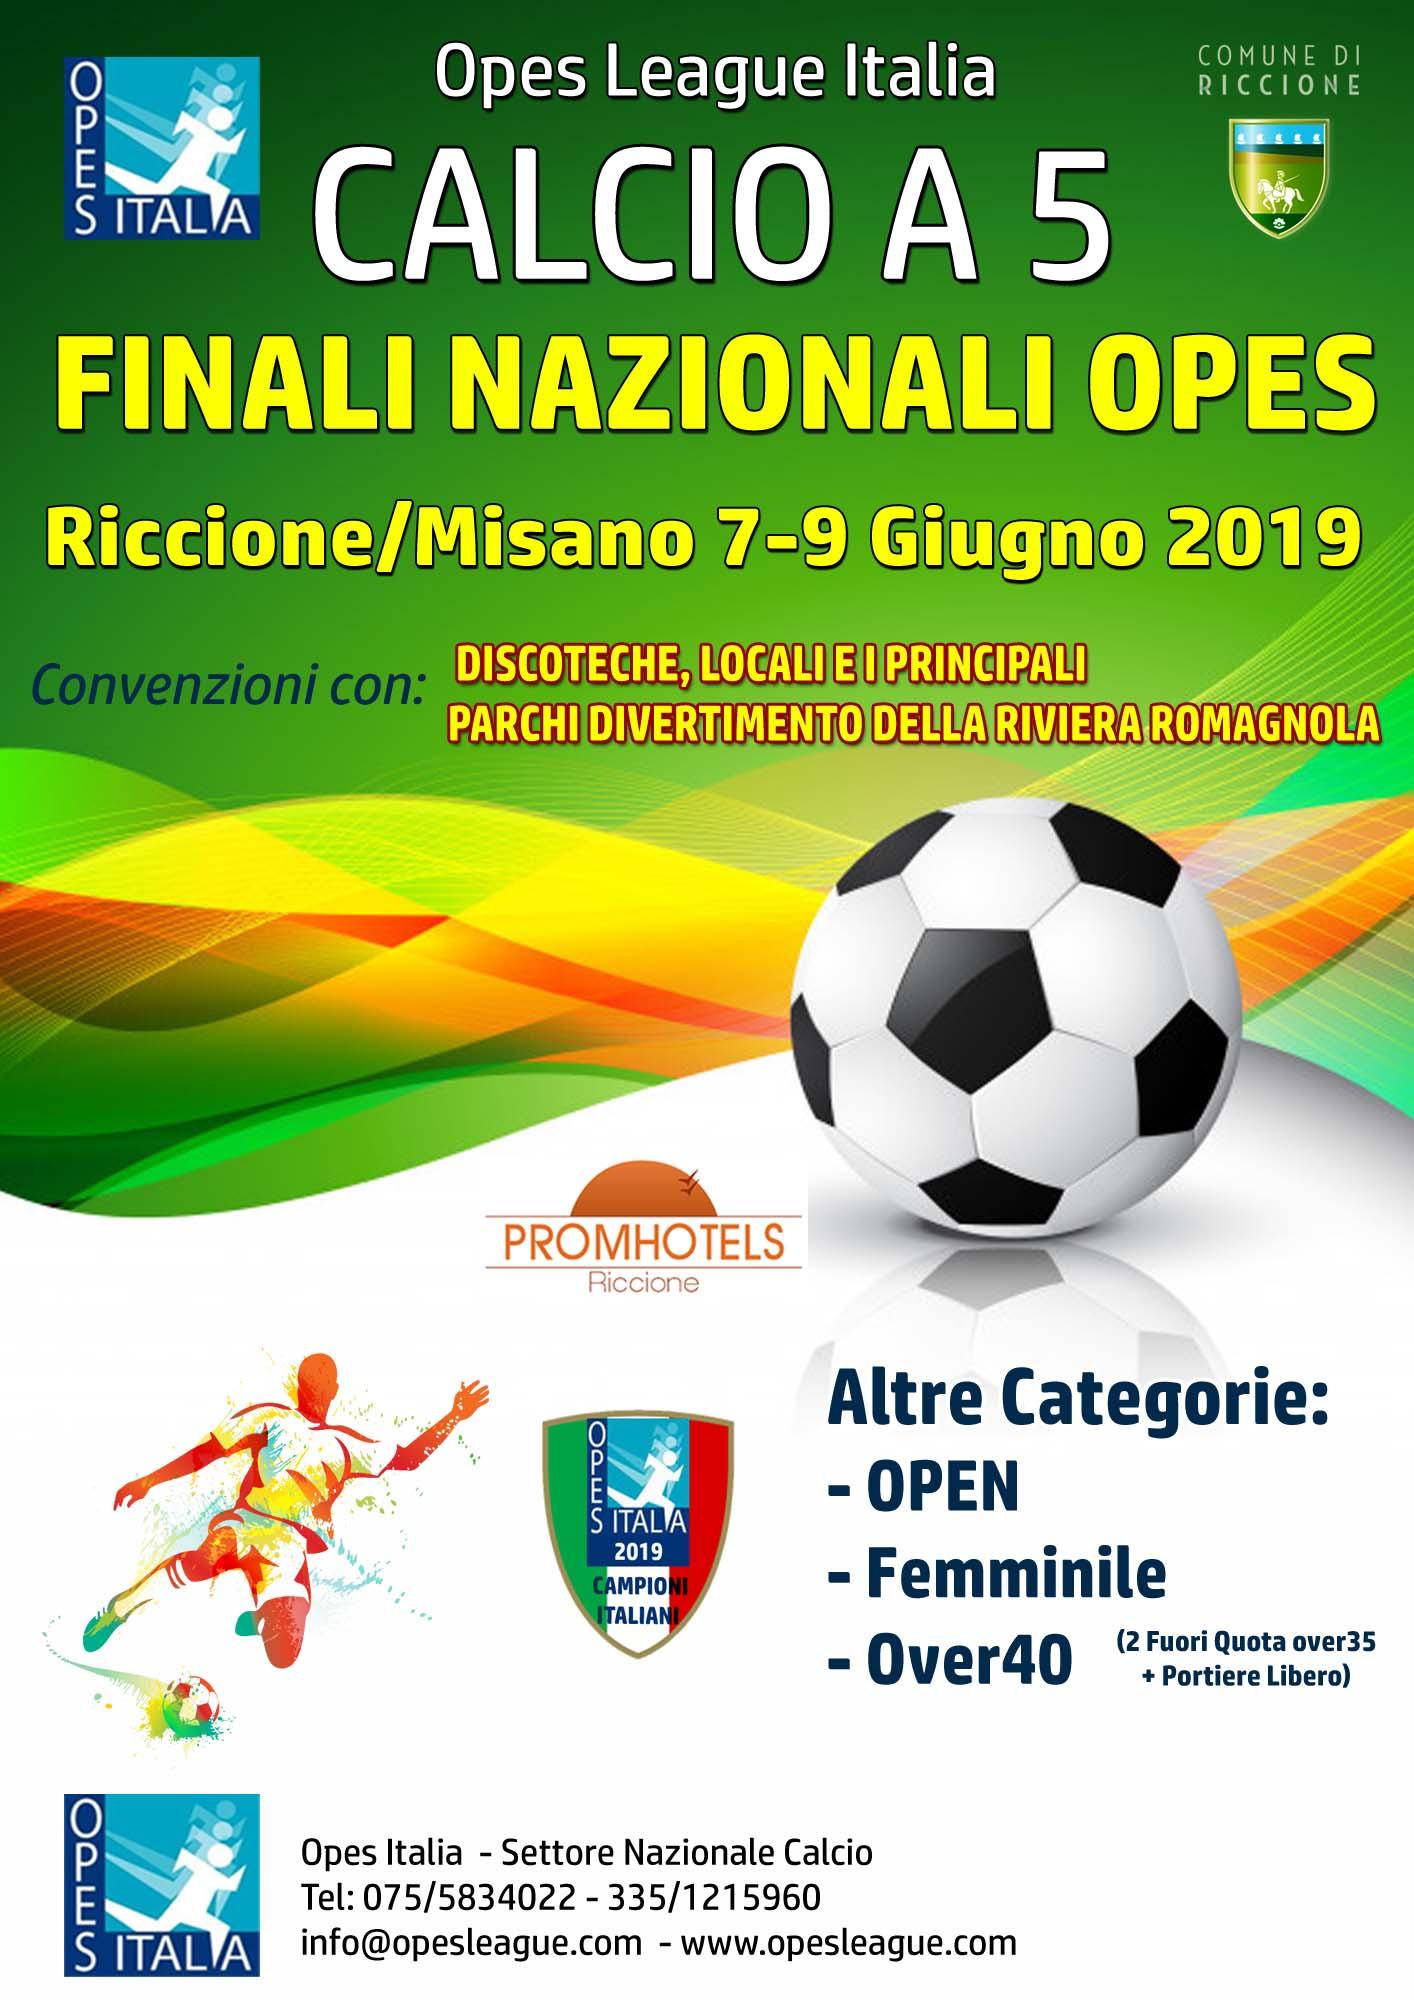 c5 Finali Nazionali (3)